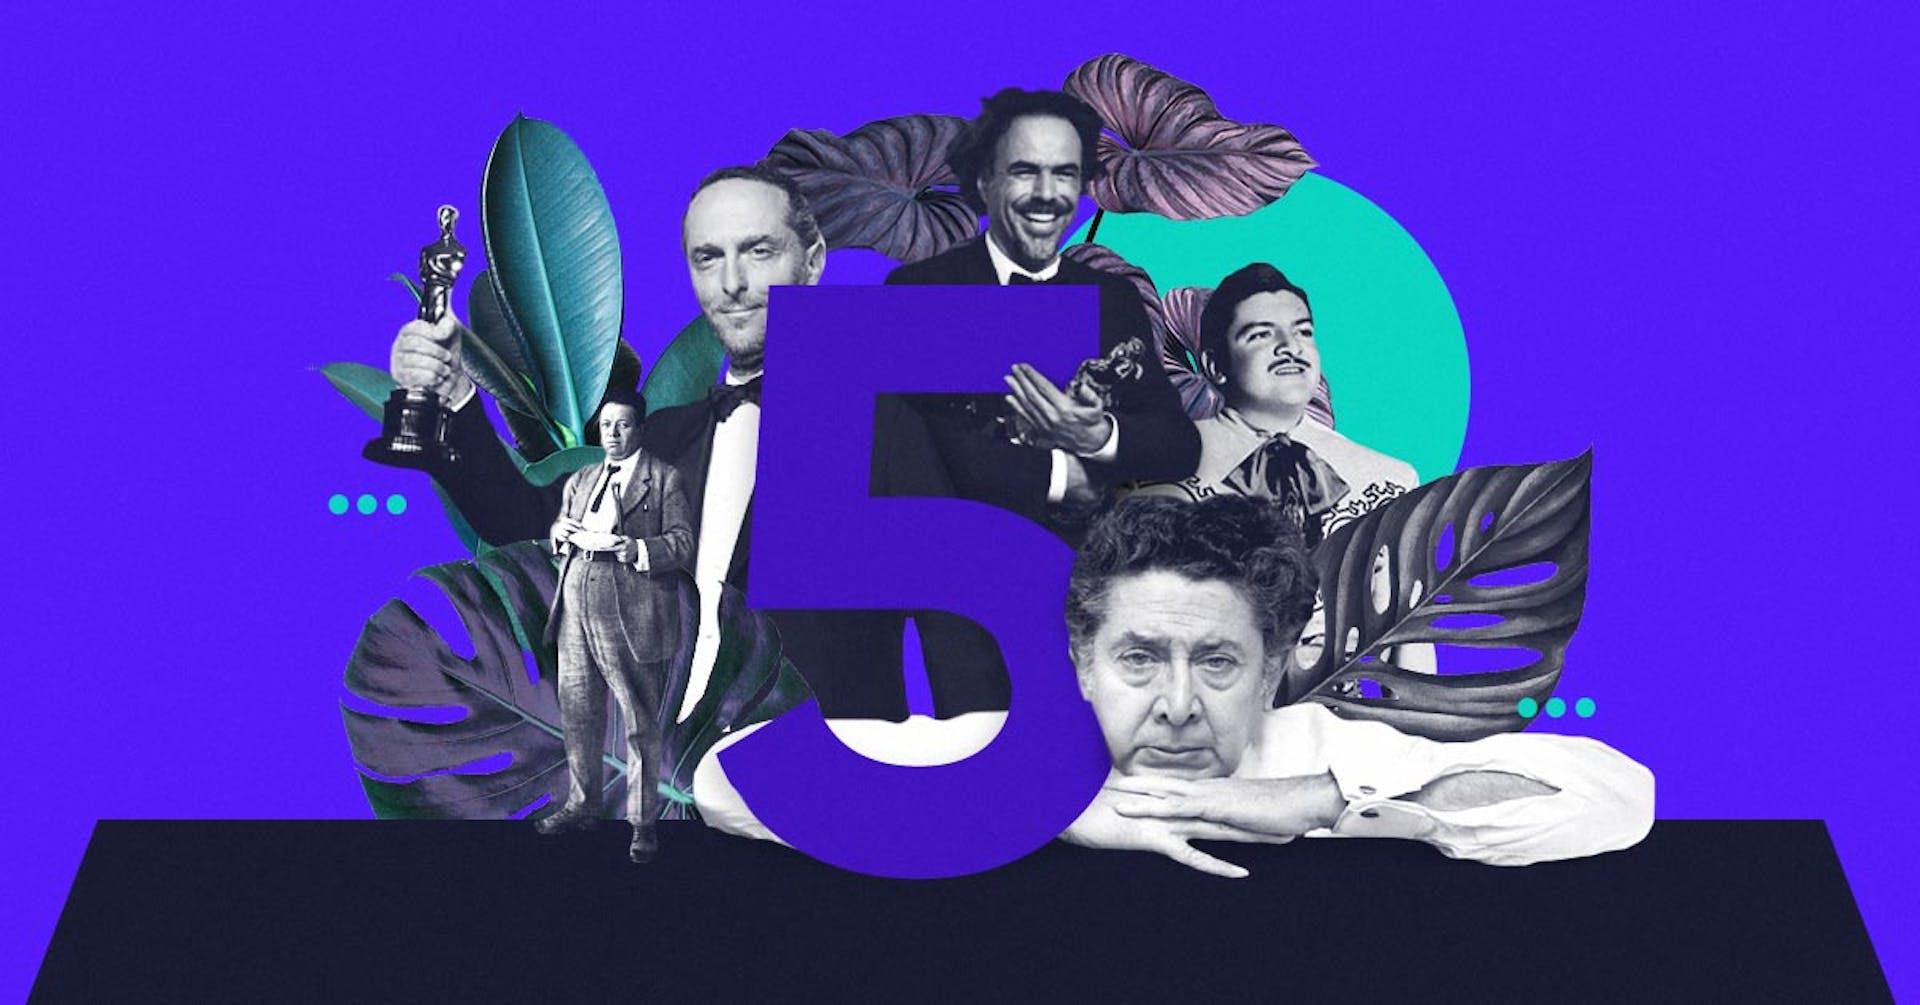 20 artistas mexicanos que inspiraron al mundo y superaron fronteras